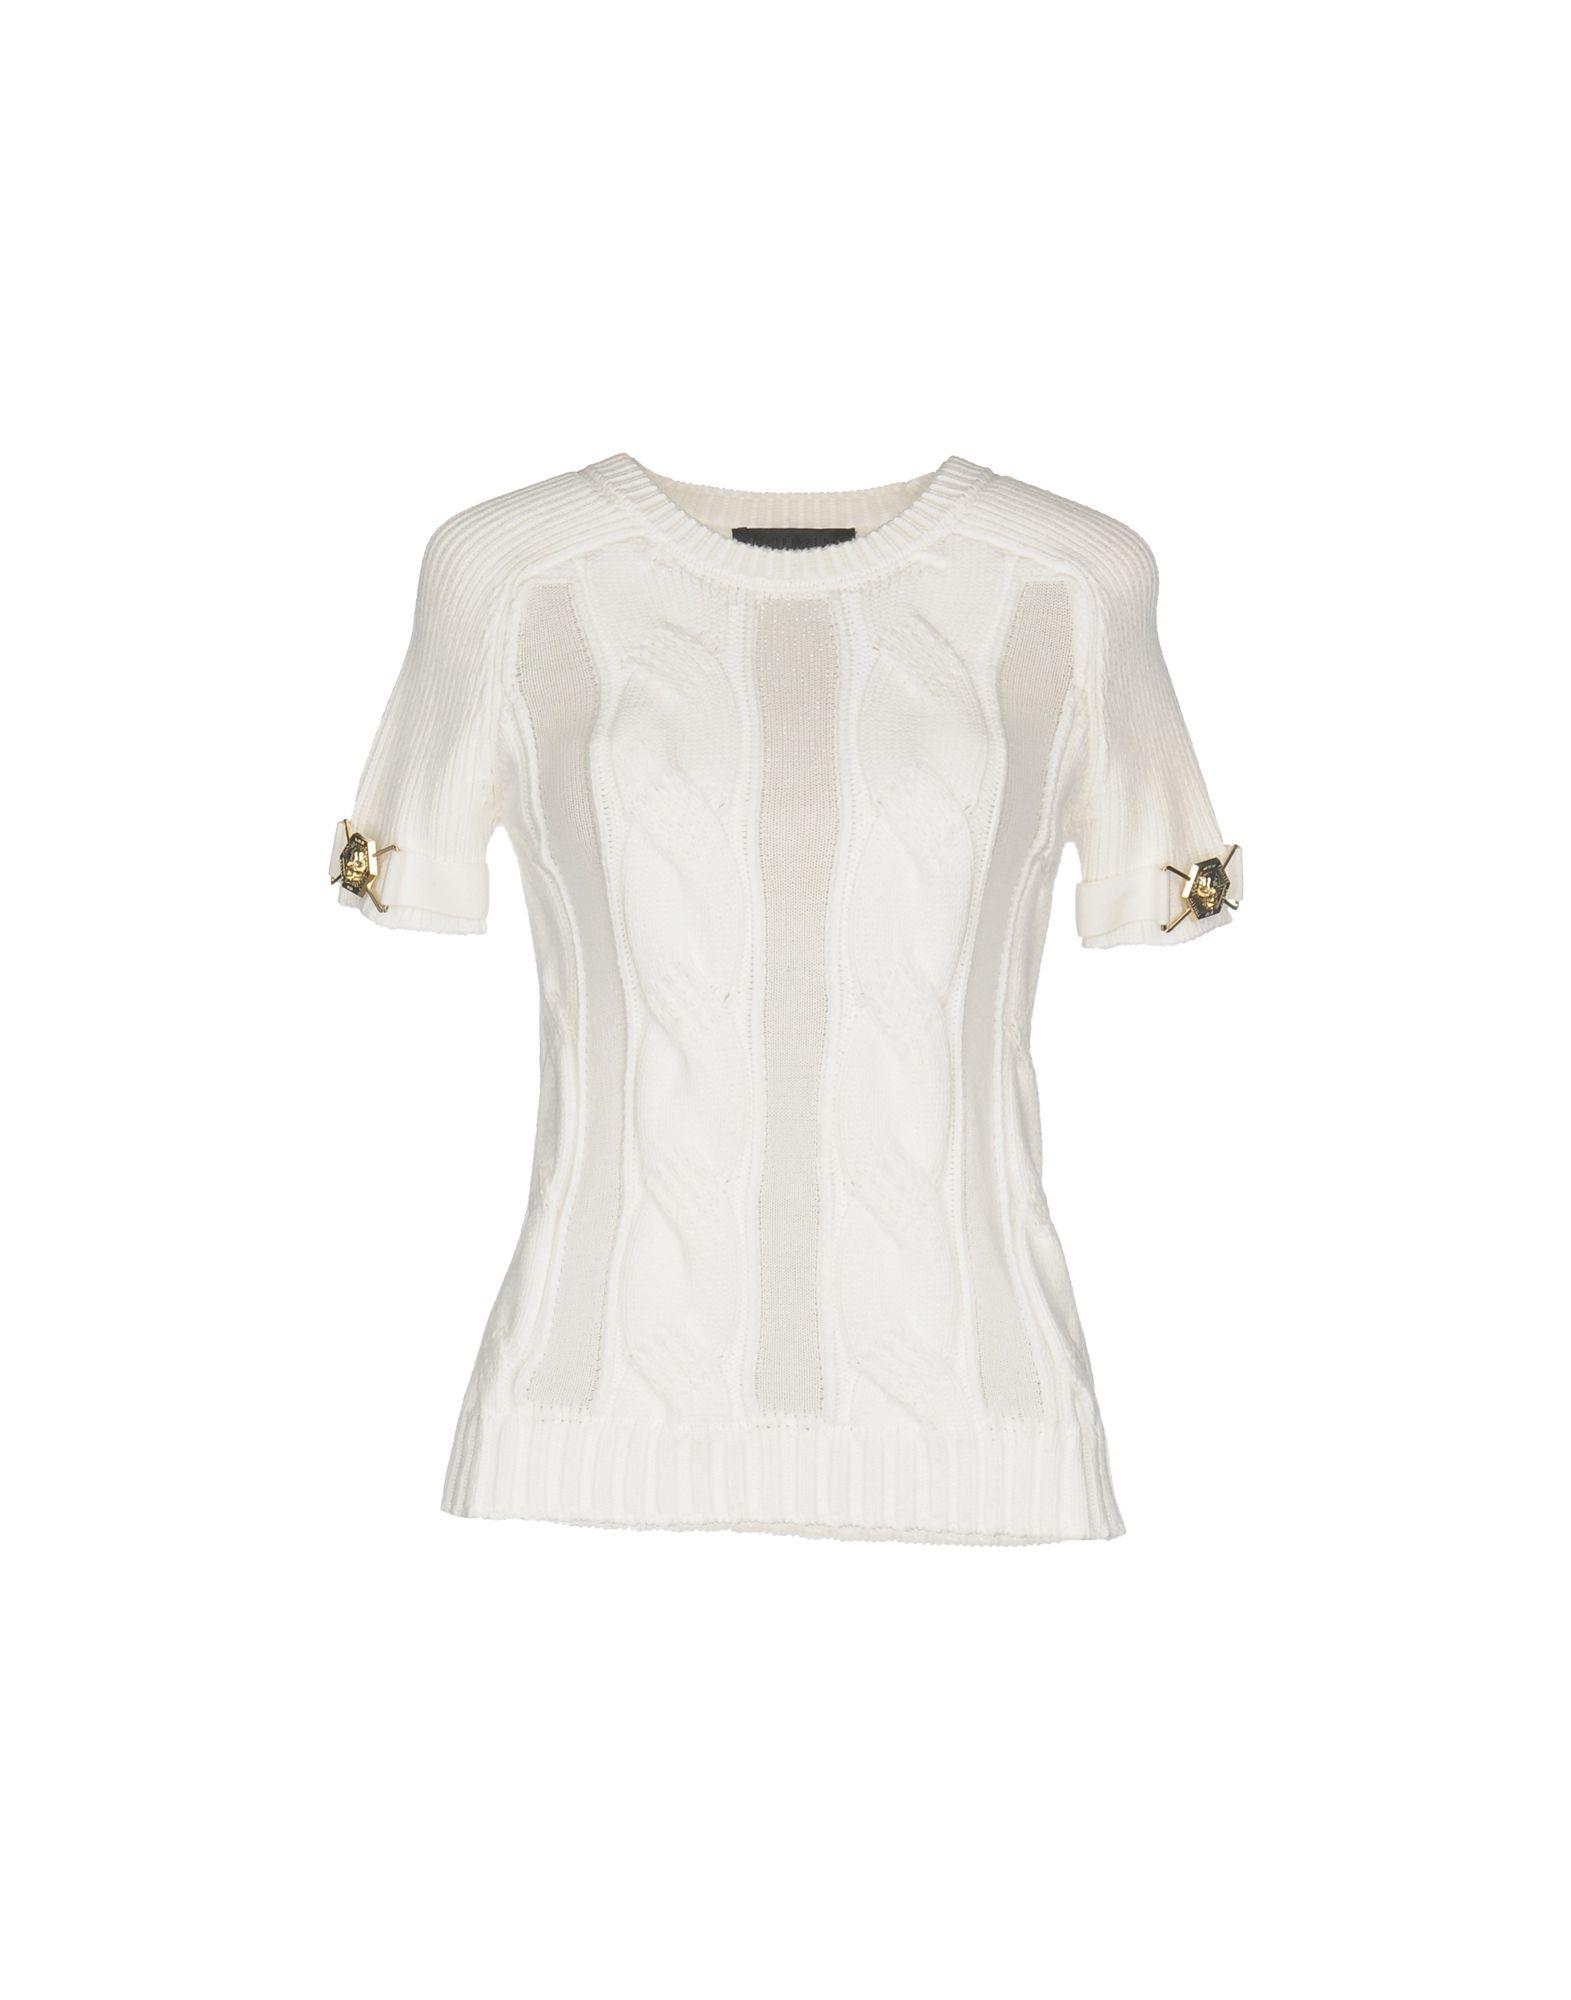 Pullover Philipp Plein Donna - Acquista online su 2eA06y